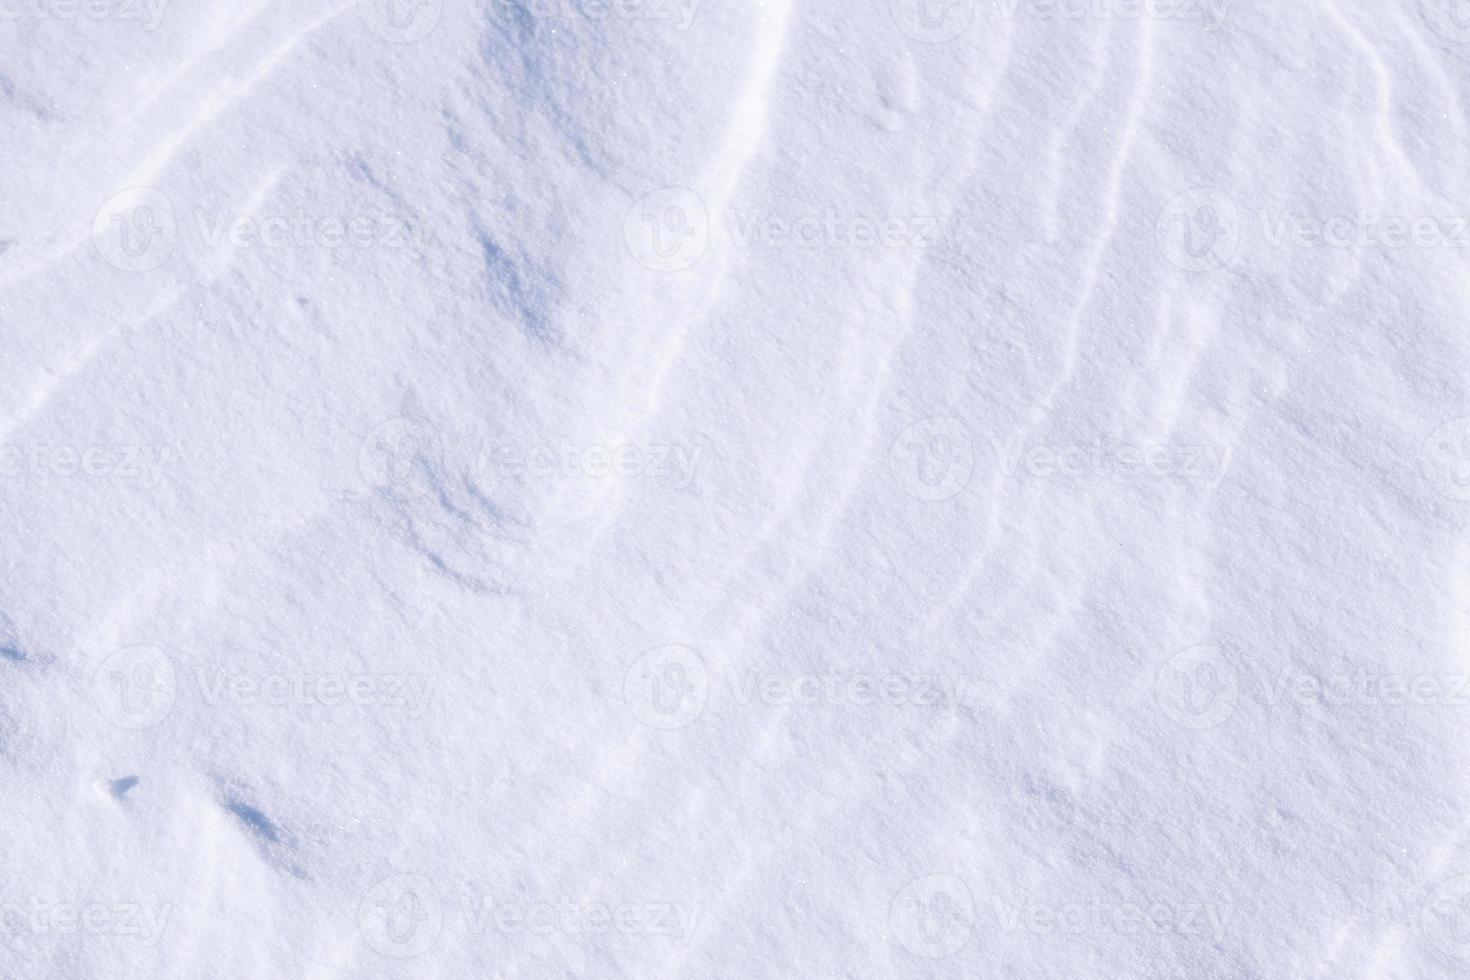 texture de neige blanche et propre faite de cristaux de glace photo